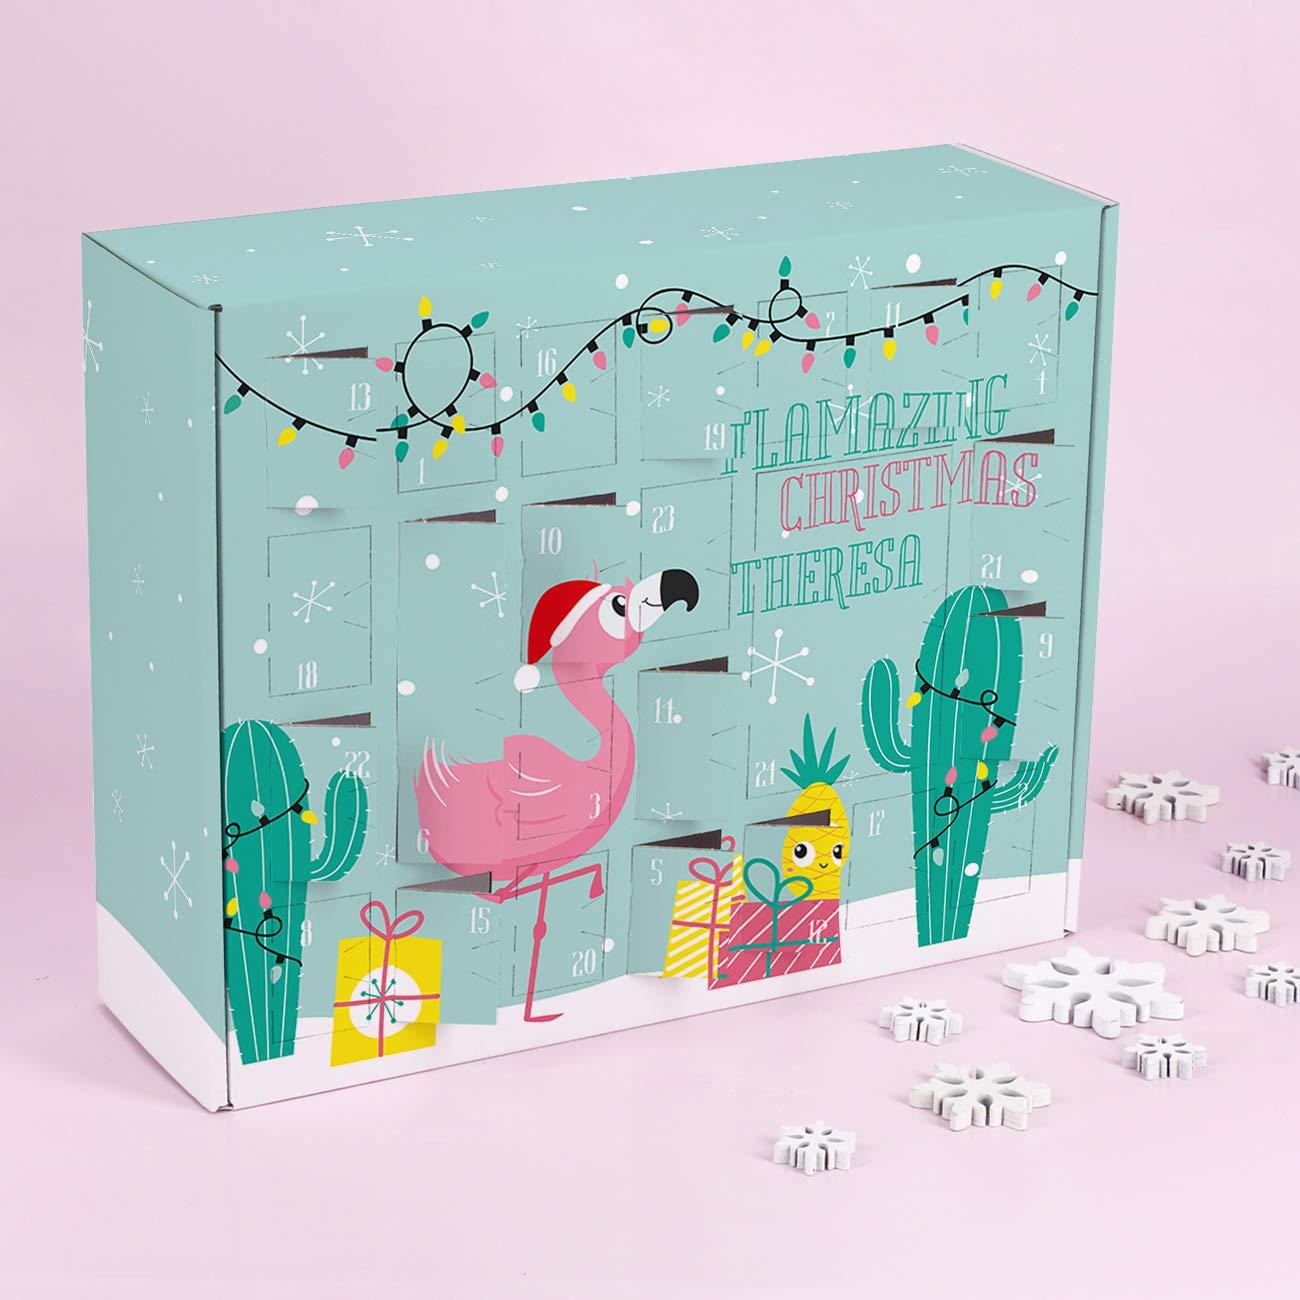 Herz /& Heim/® Adventskalender f/ür Teenager zum Bef/üllen mit Flamingo Flamazing Christmas